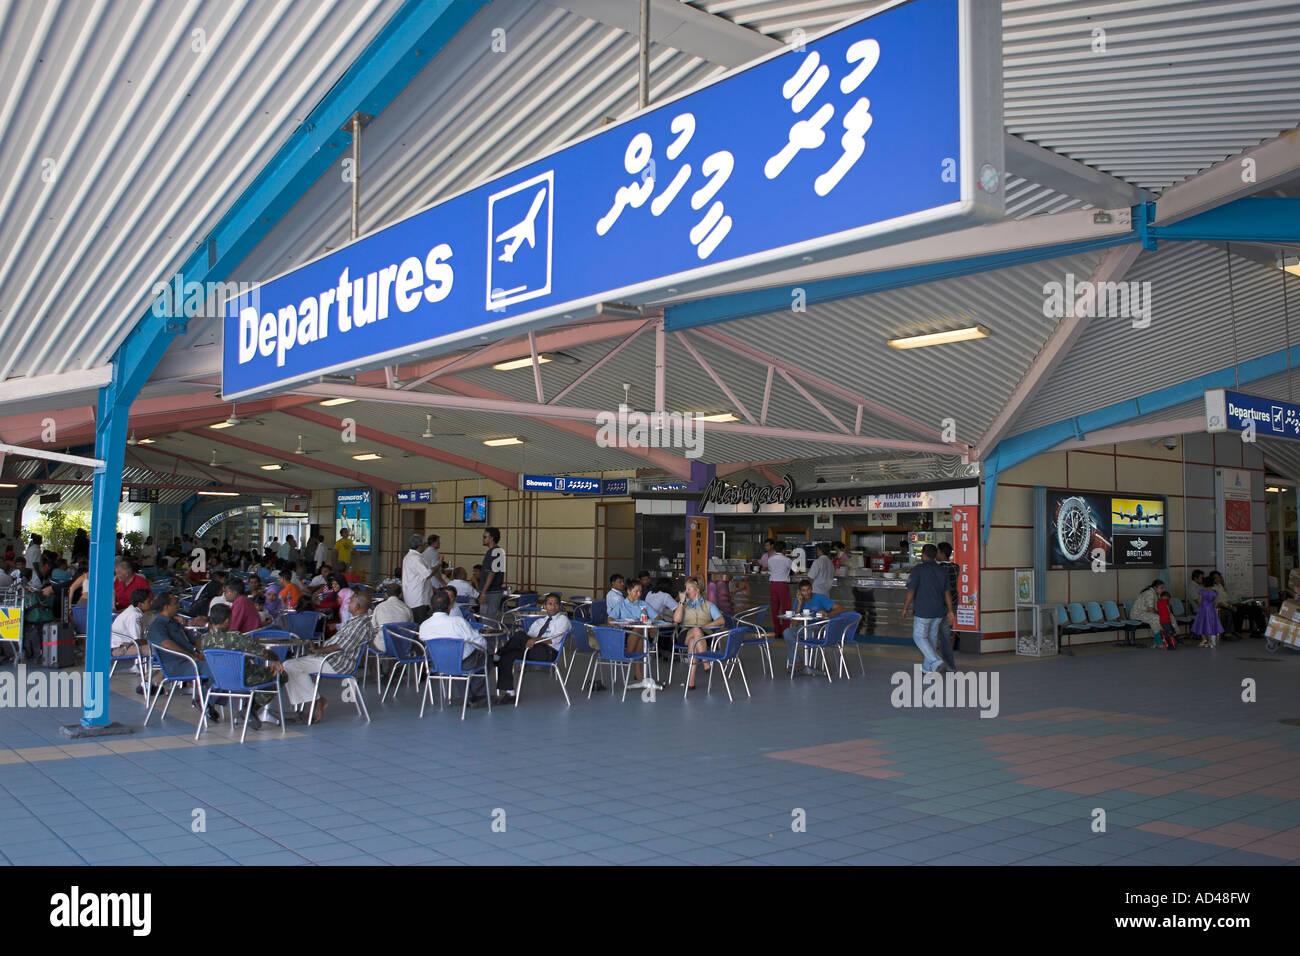 Aeroporto Male Maldive : Malé international airport of the maldives asia stock photo